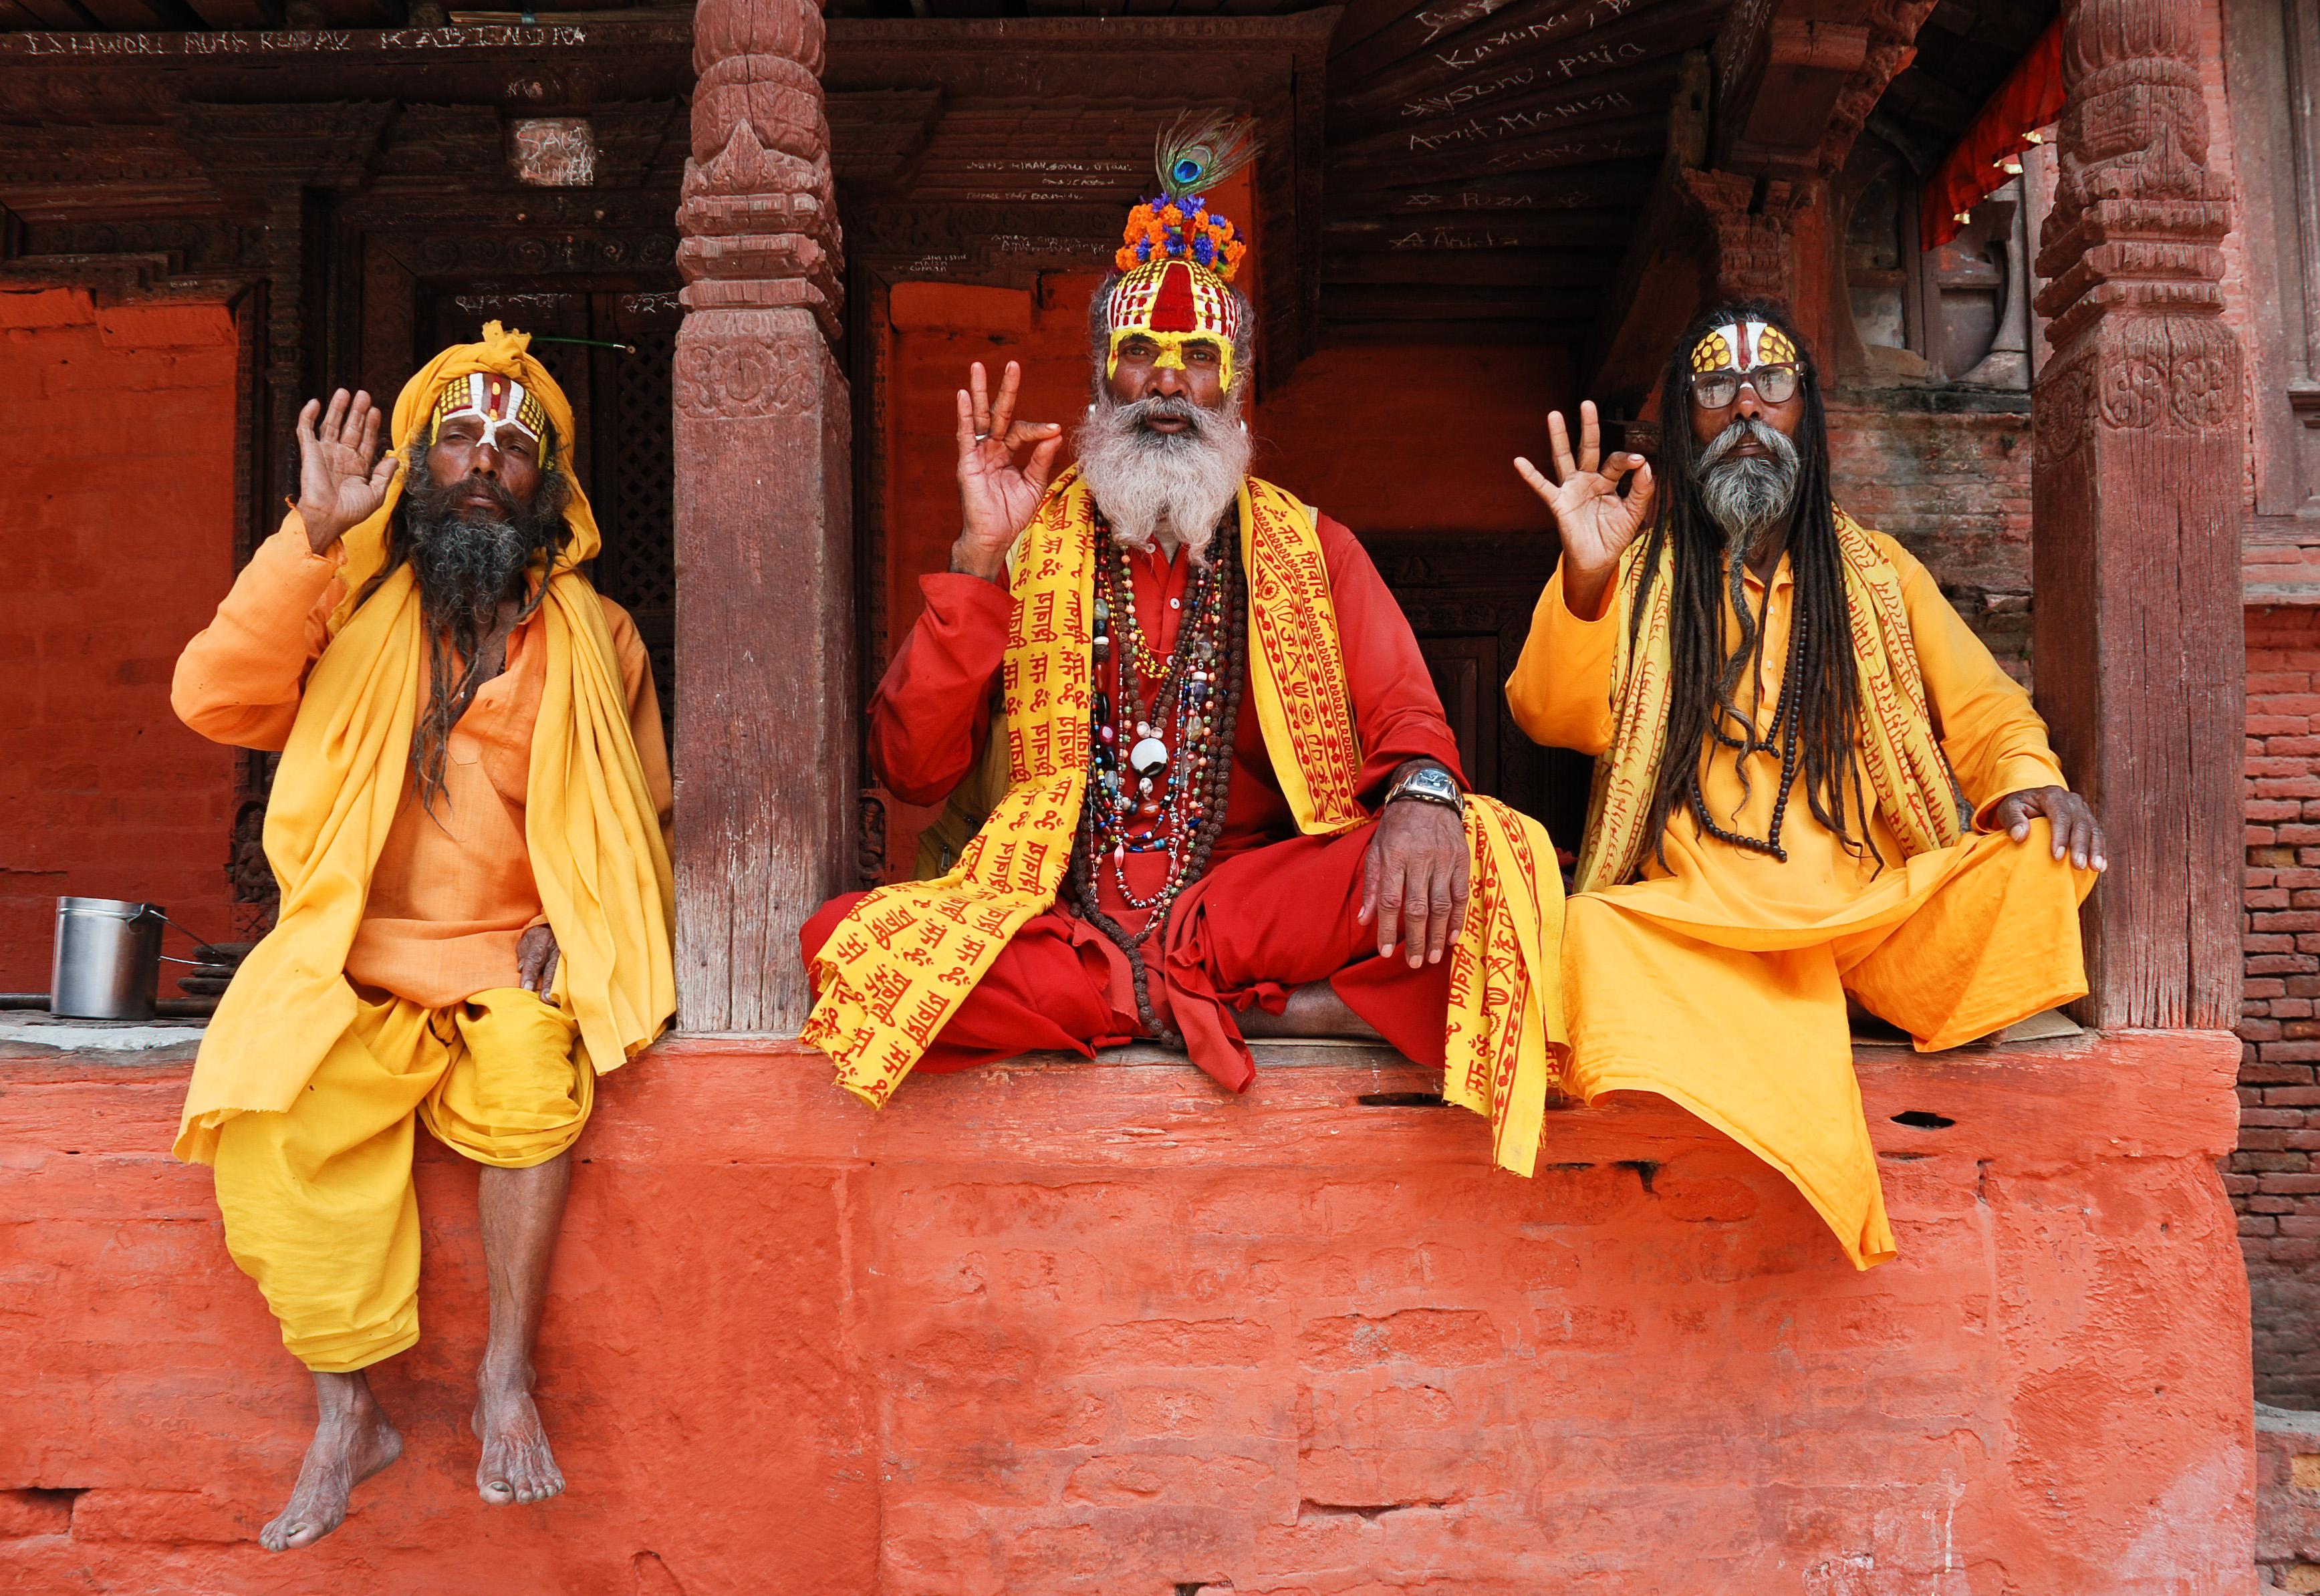 File:Three_saddhus_at_Kathmandu_Durbar_Square.jpg